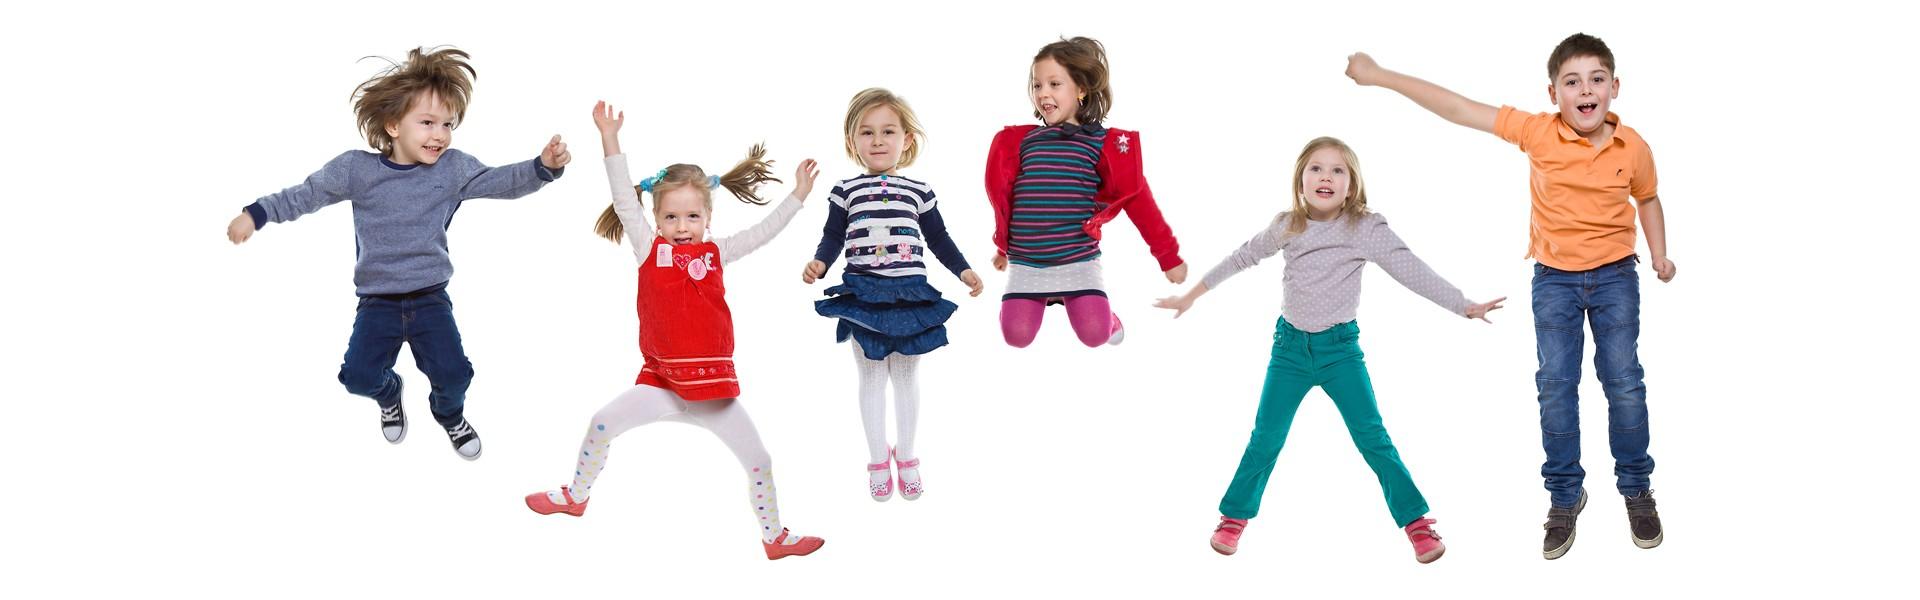 fotografia dzieci wesołych i skaczących